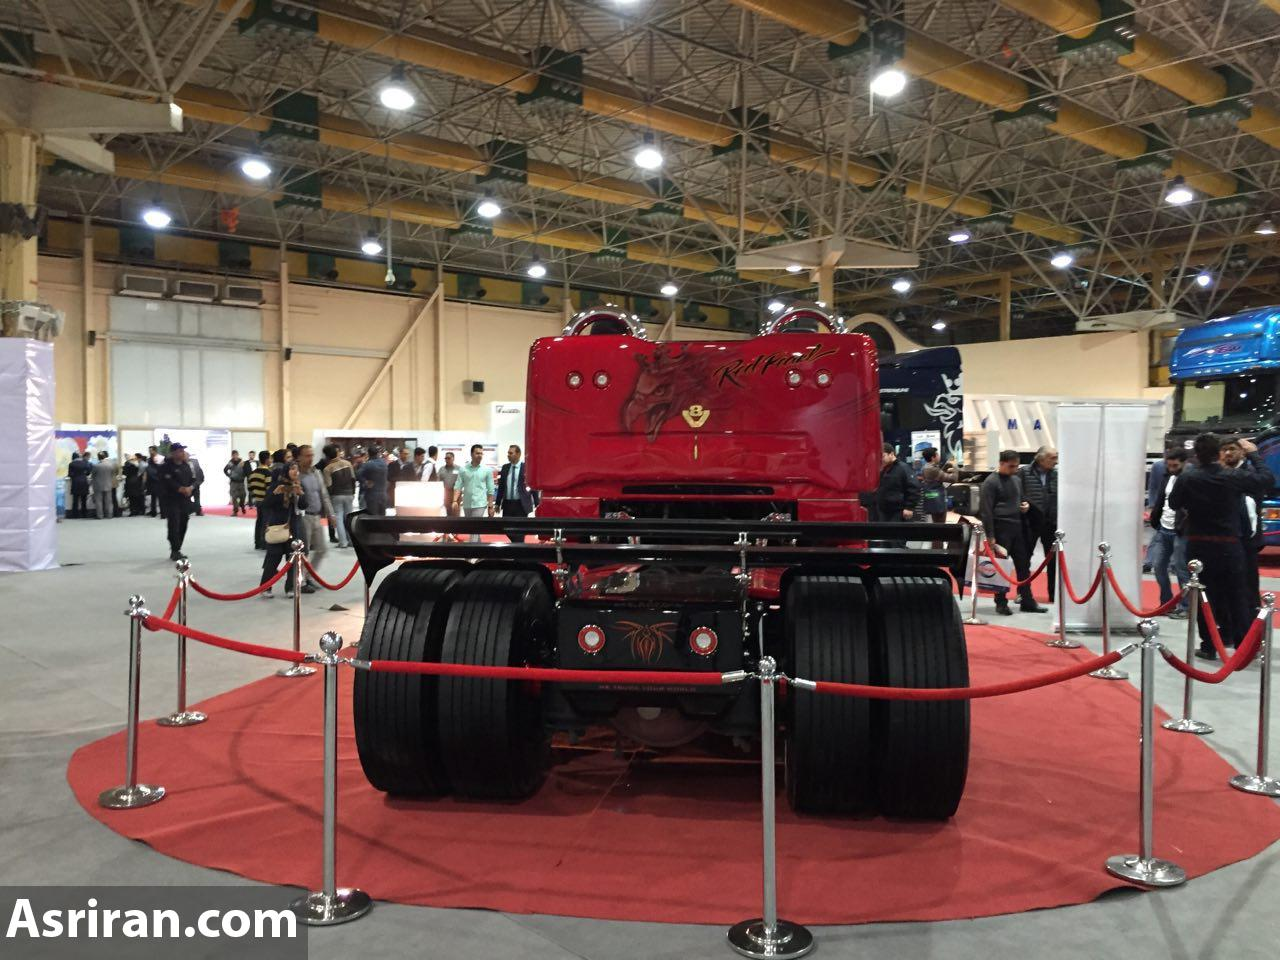 کامیون کروک که فقط یکبار در ایران به نمایش در آمد (+عکس)